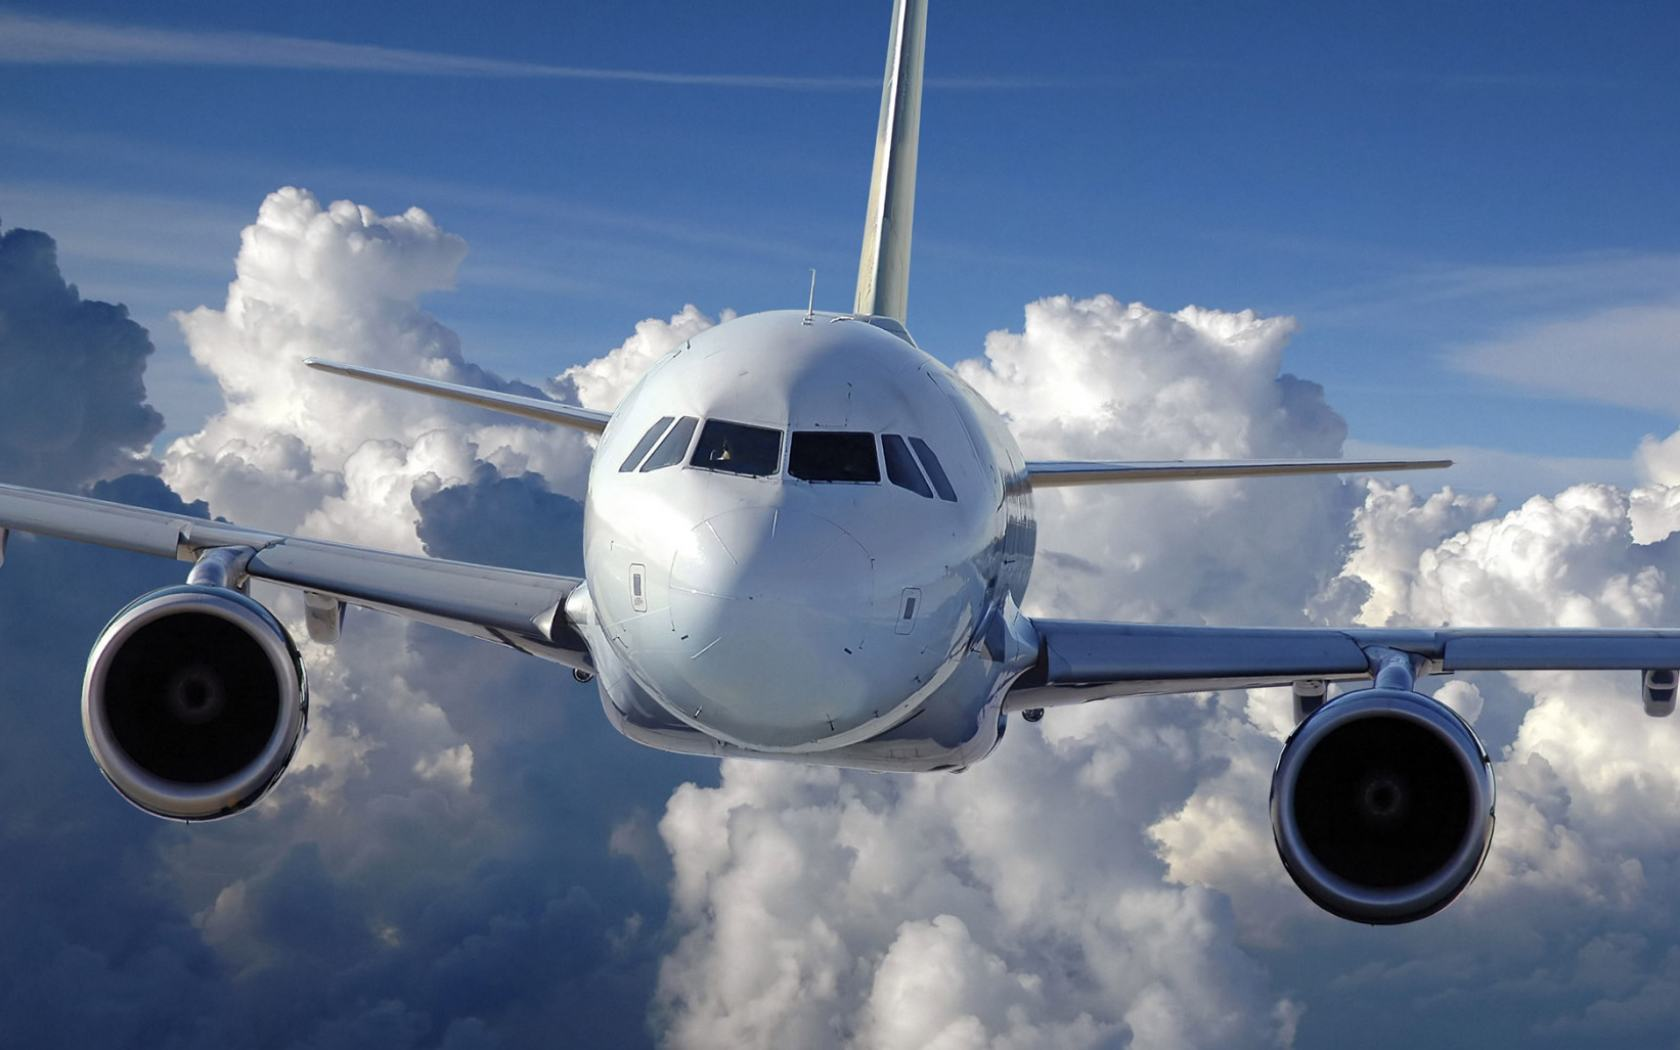 Картинки по запросу самолет в облаках